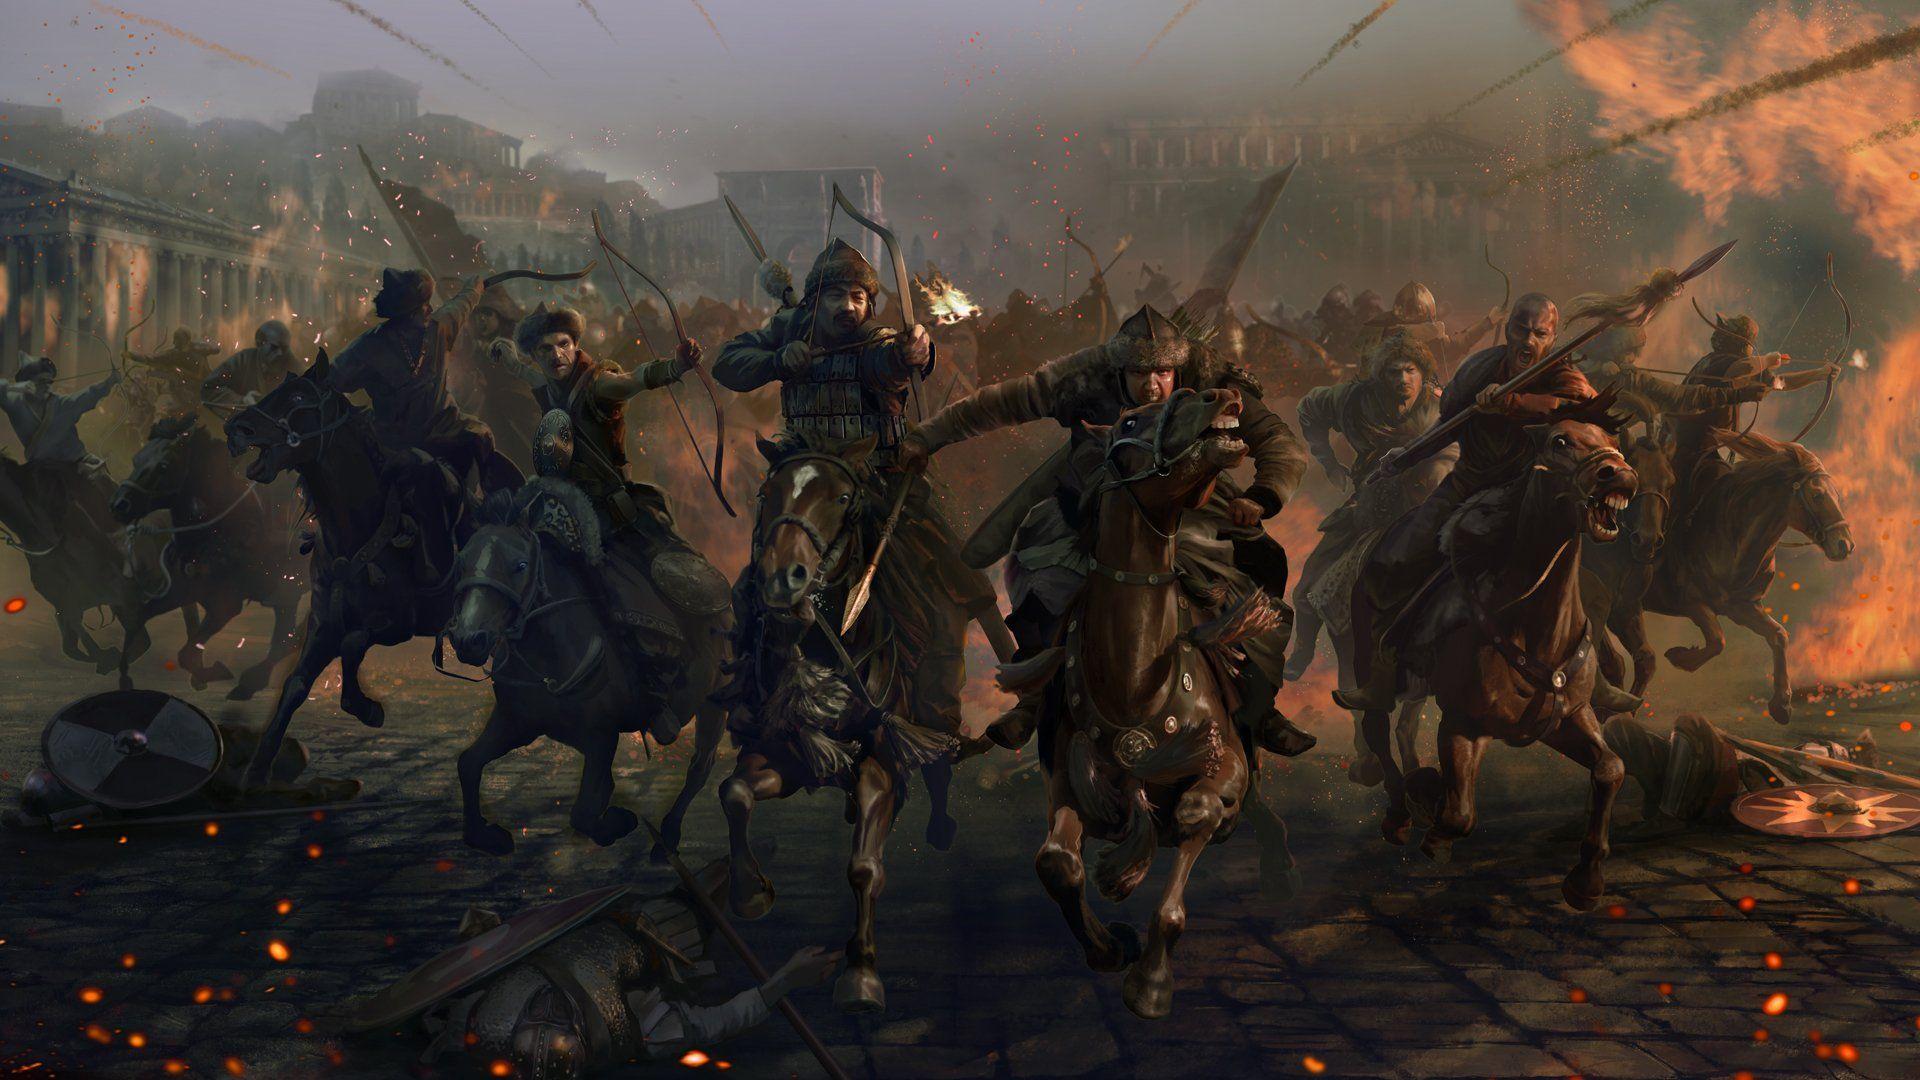 Total War Cadê o Game Notícia Curiosidades Wallpapers